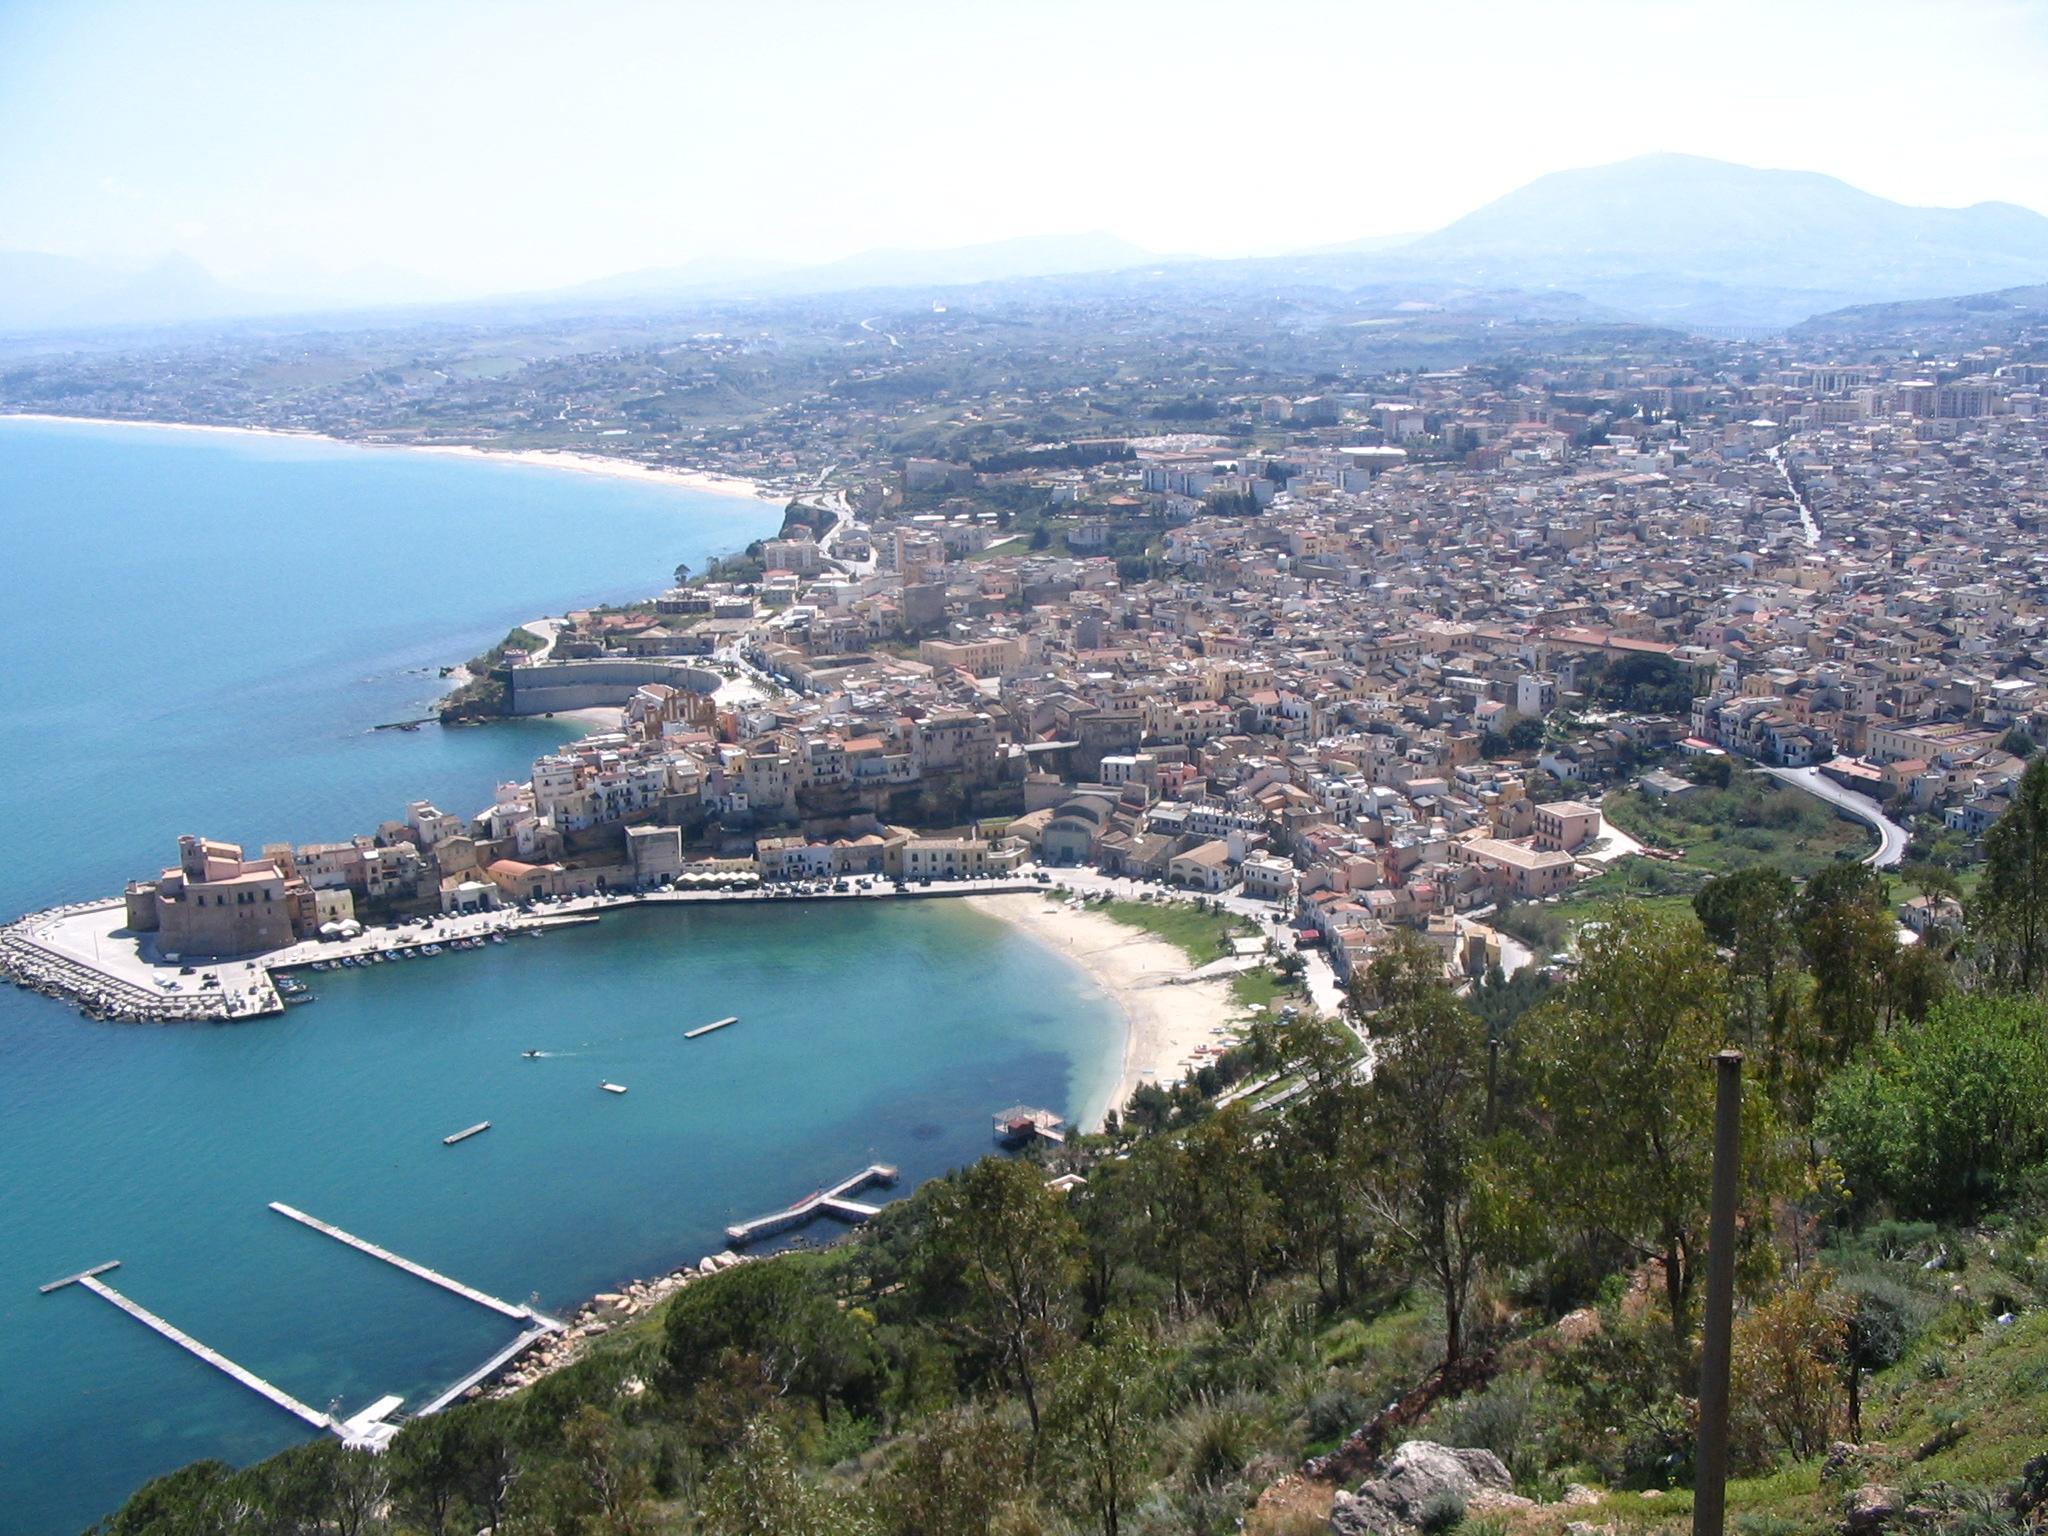 Castellammare del Golfo Italy  city photos gallery : Description Castellammare del Golfo Sicilia